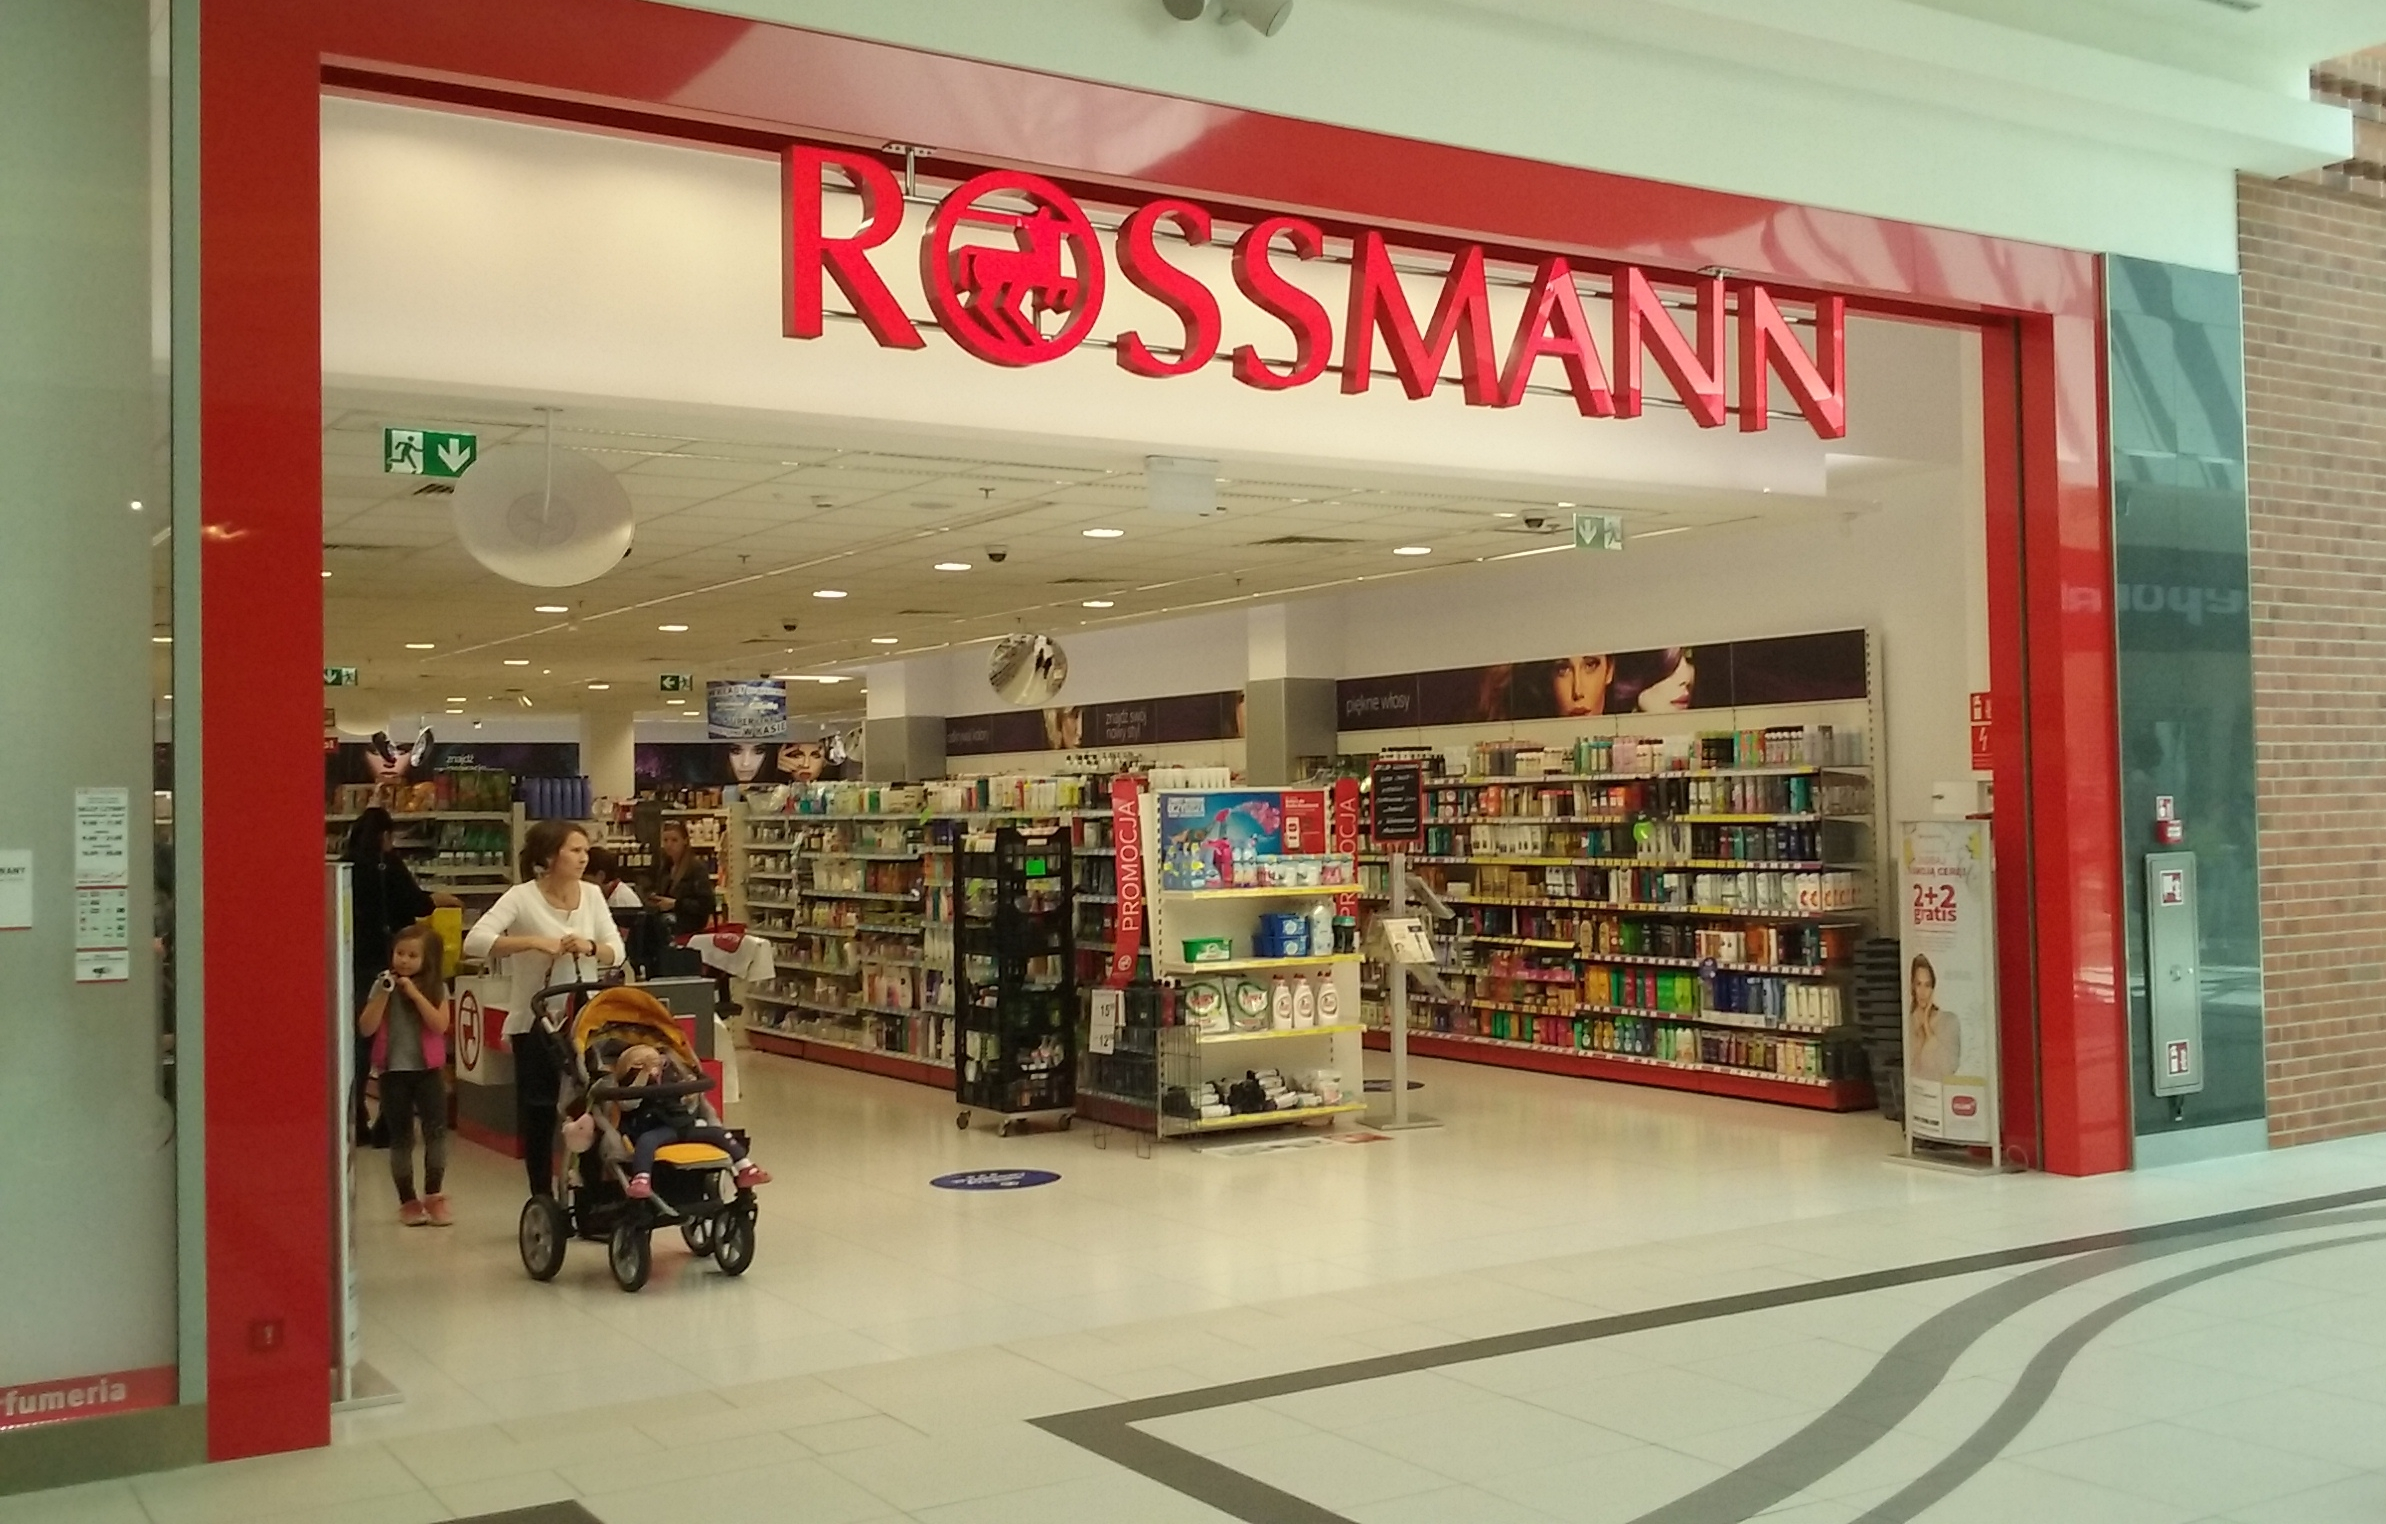 drukowanie zdjec rossmann